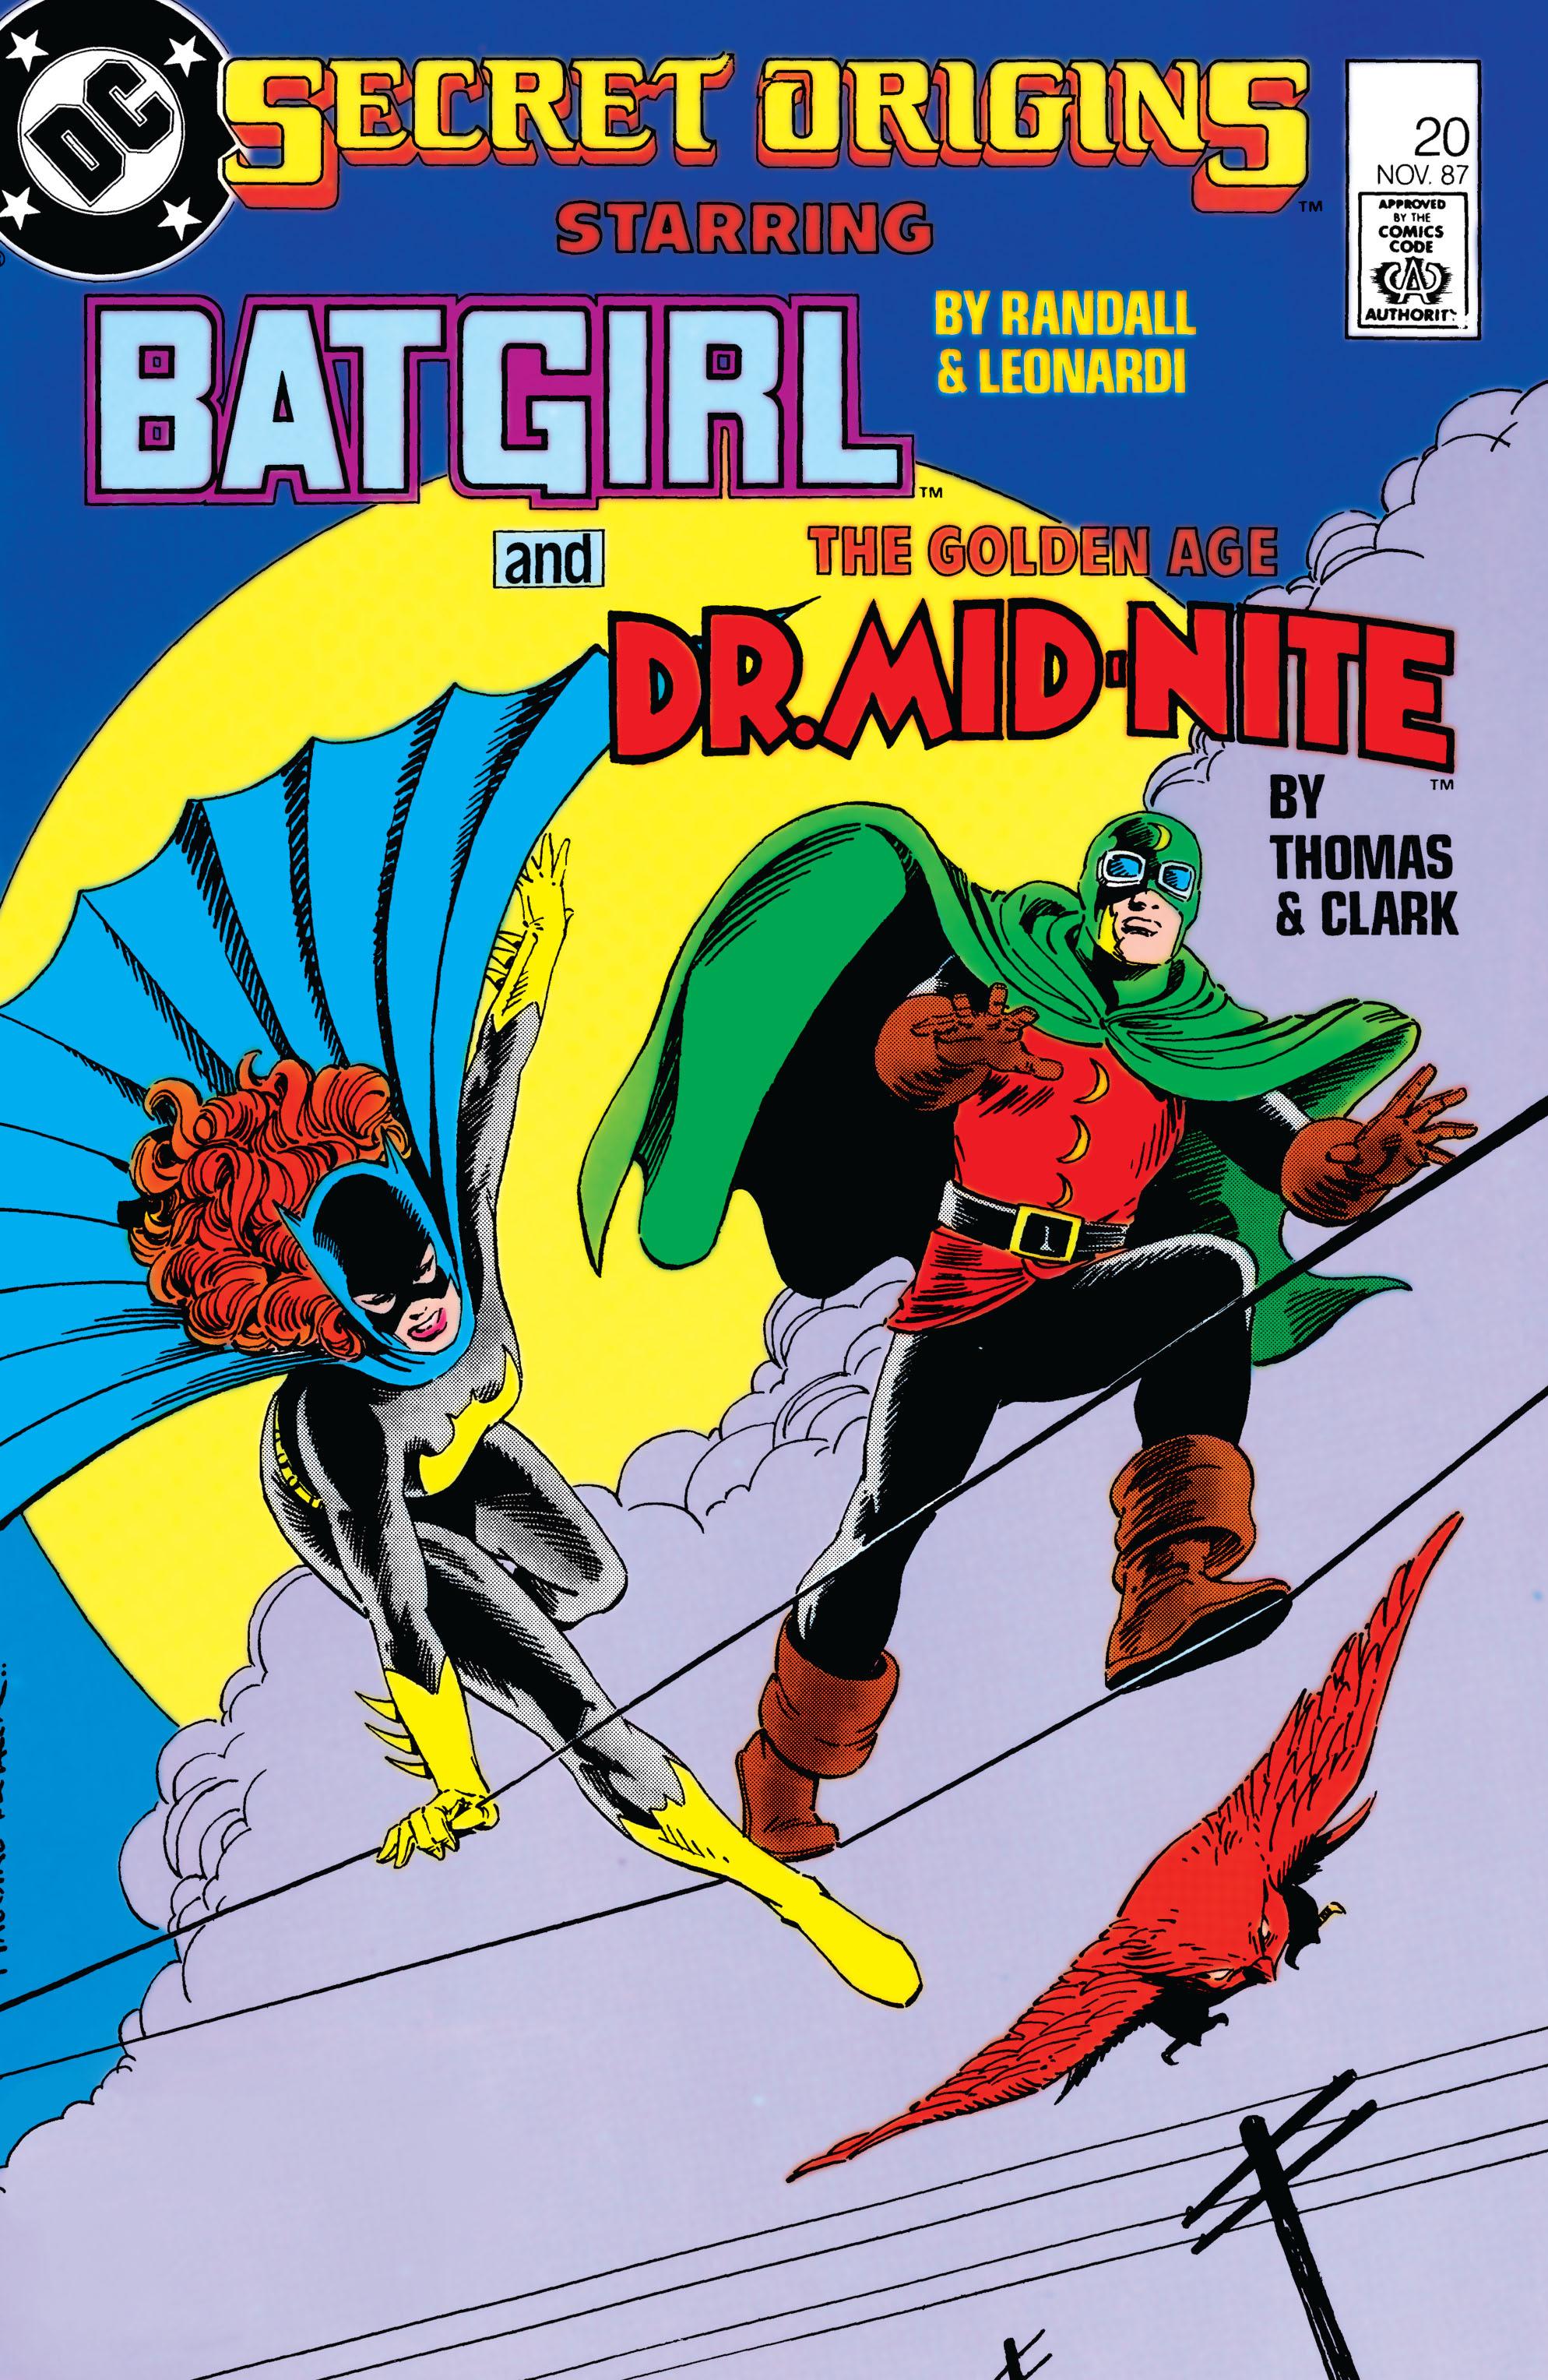 Read online Secret Origins (1986) comic -  Issue #20 - 1